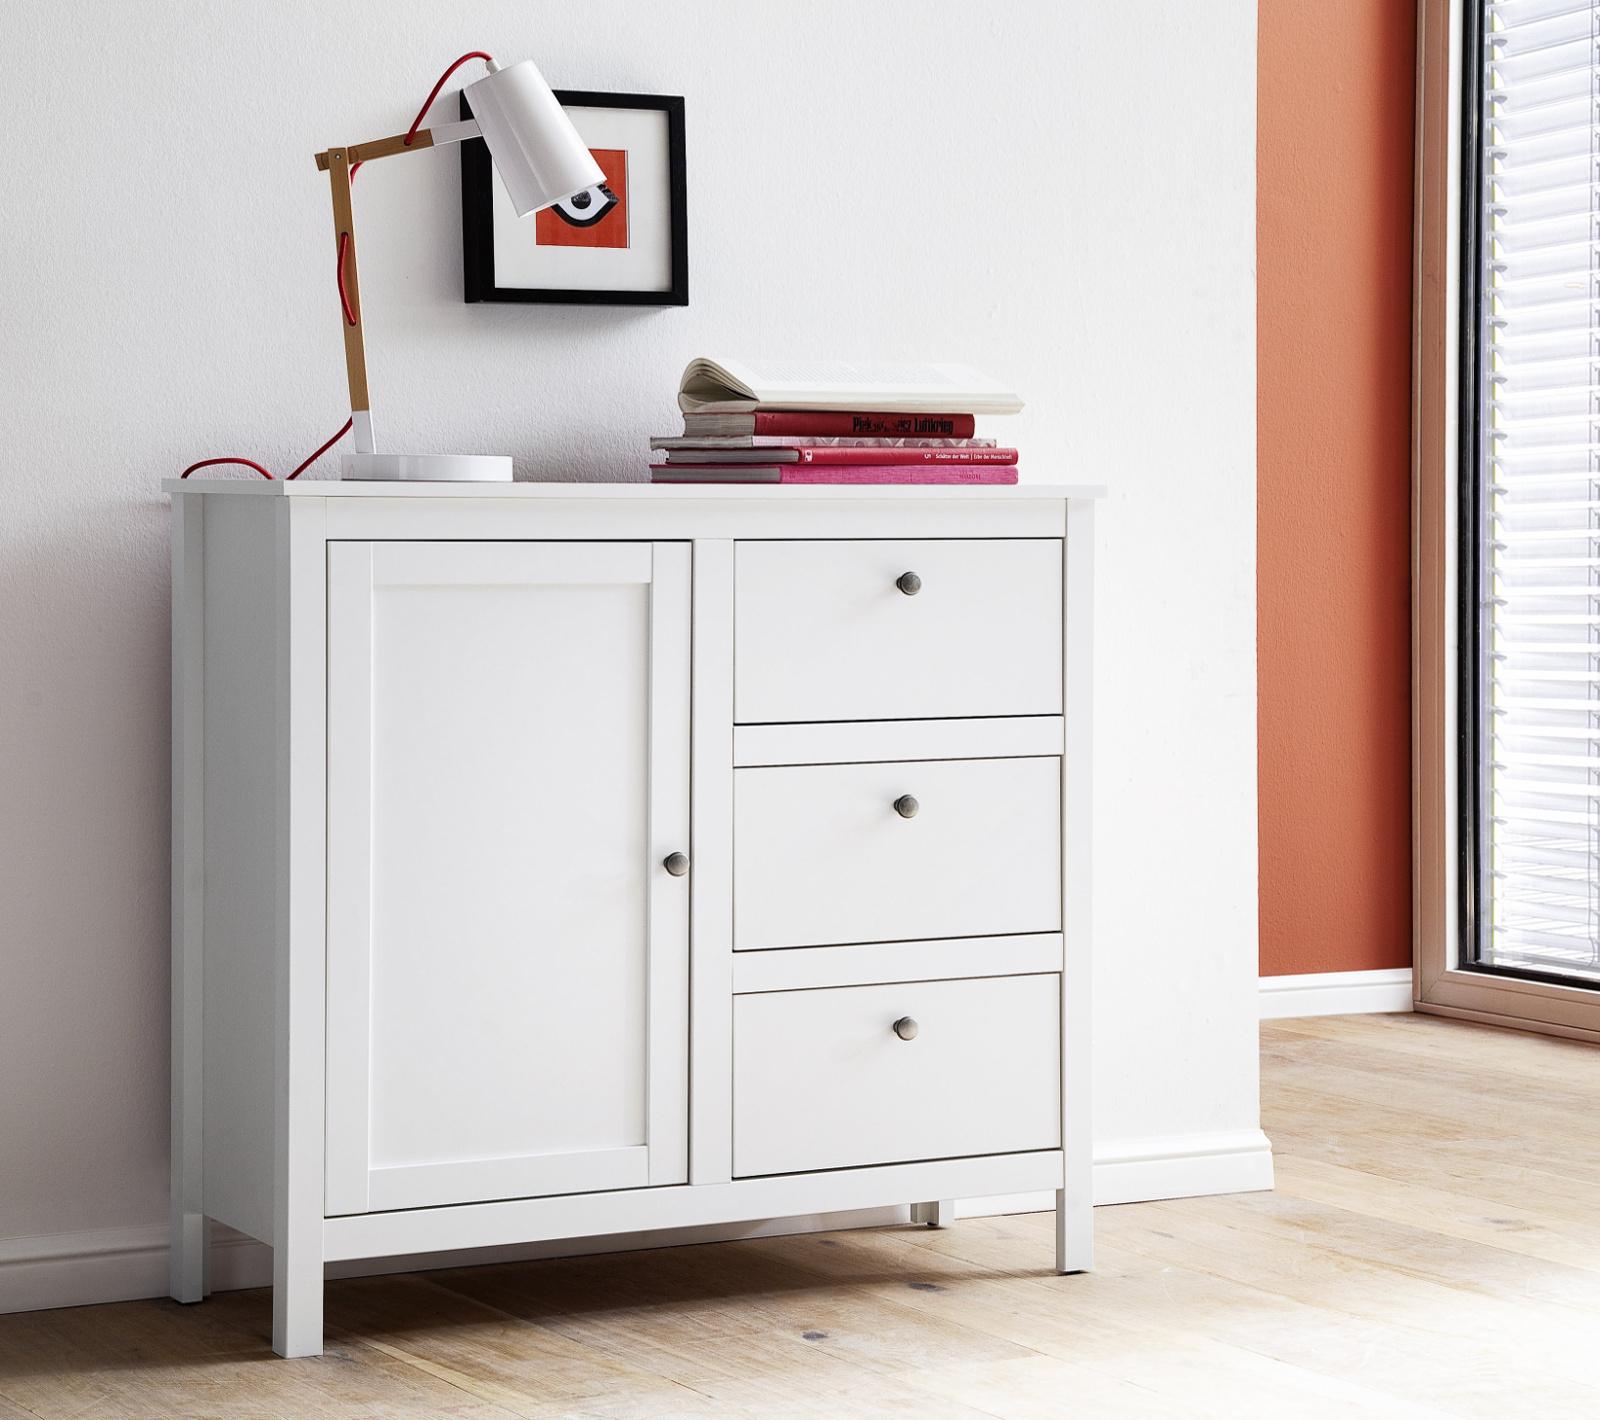 Kommode Ole in weiß Wohnzimmer Sideboard und Esszimmer Anrichte 96 x 98 cm